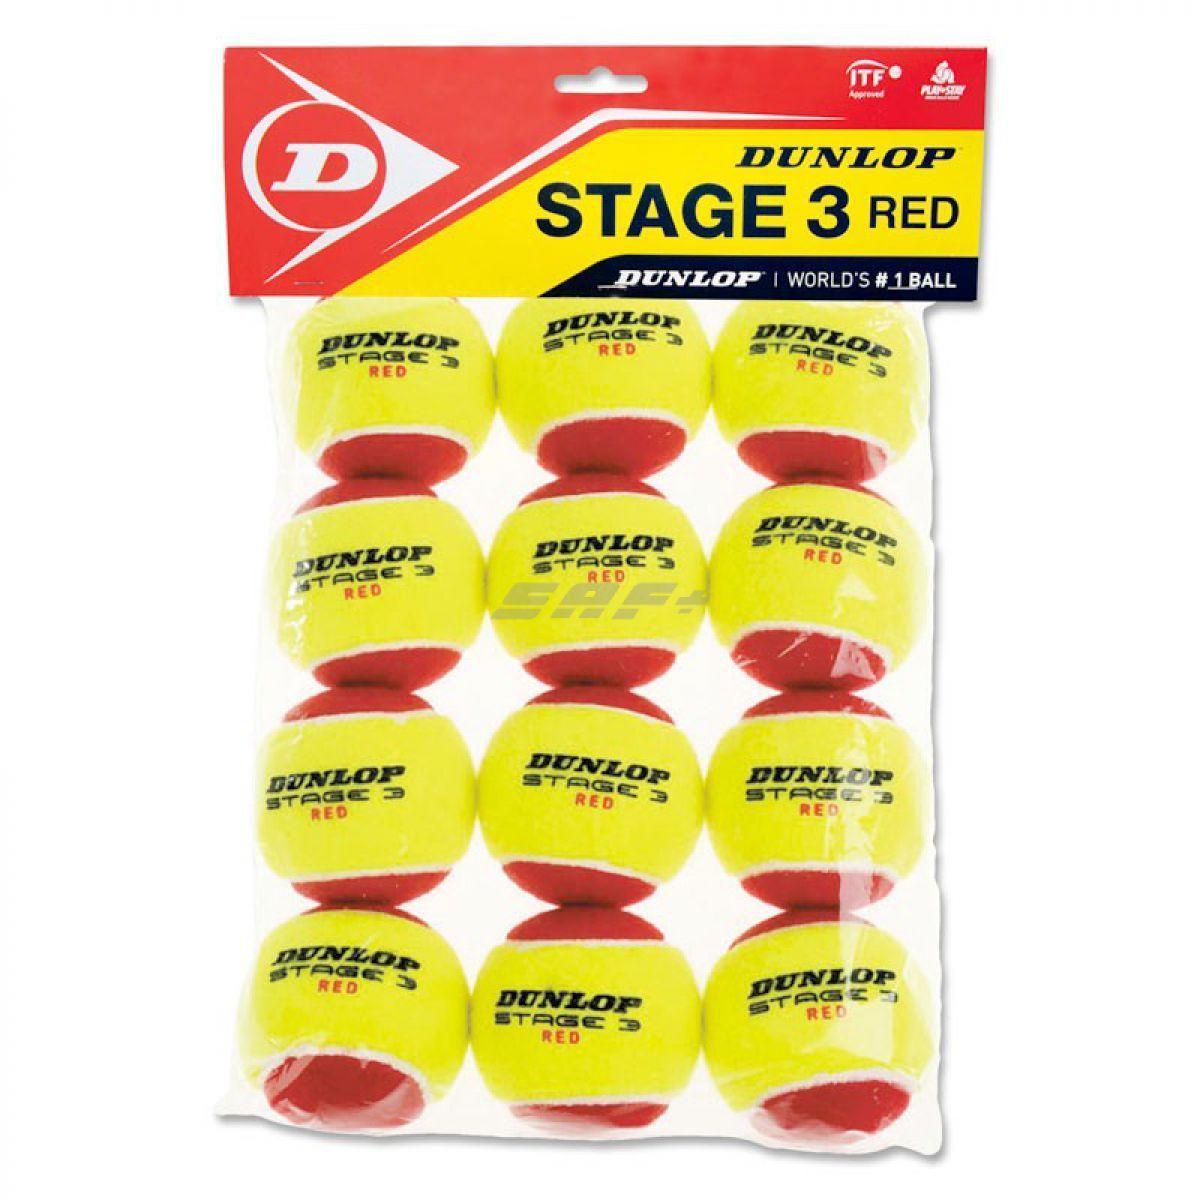 Мячи теннисные Dunlop Stage 3Хот ШейперсМяч Dunlop Stage 3 Red, созданный из тех же материалов, что и стандартный мяч, разработан специально для начинающих. Увеличенный размер мяча и более медленная скорость полета позволяют дольше держать мяч в игре даже новичкам. Подходит для любого возраста и использования, как в помещении, так и на улице.